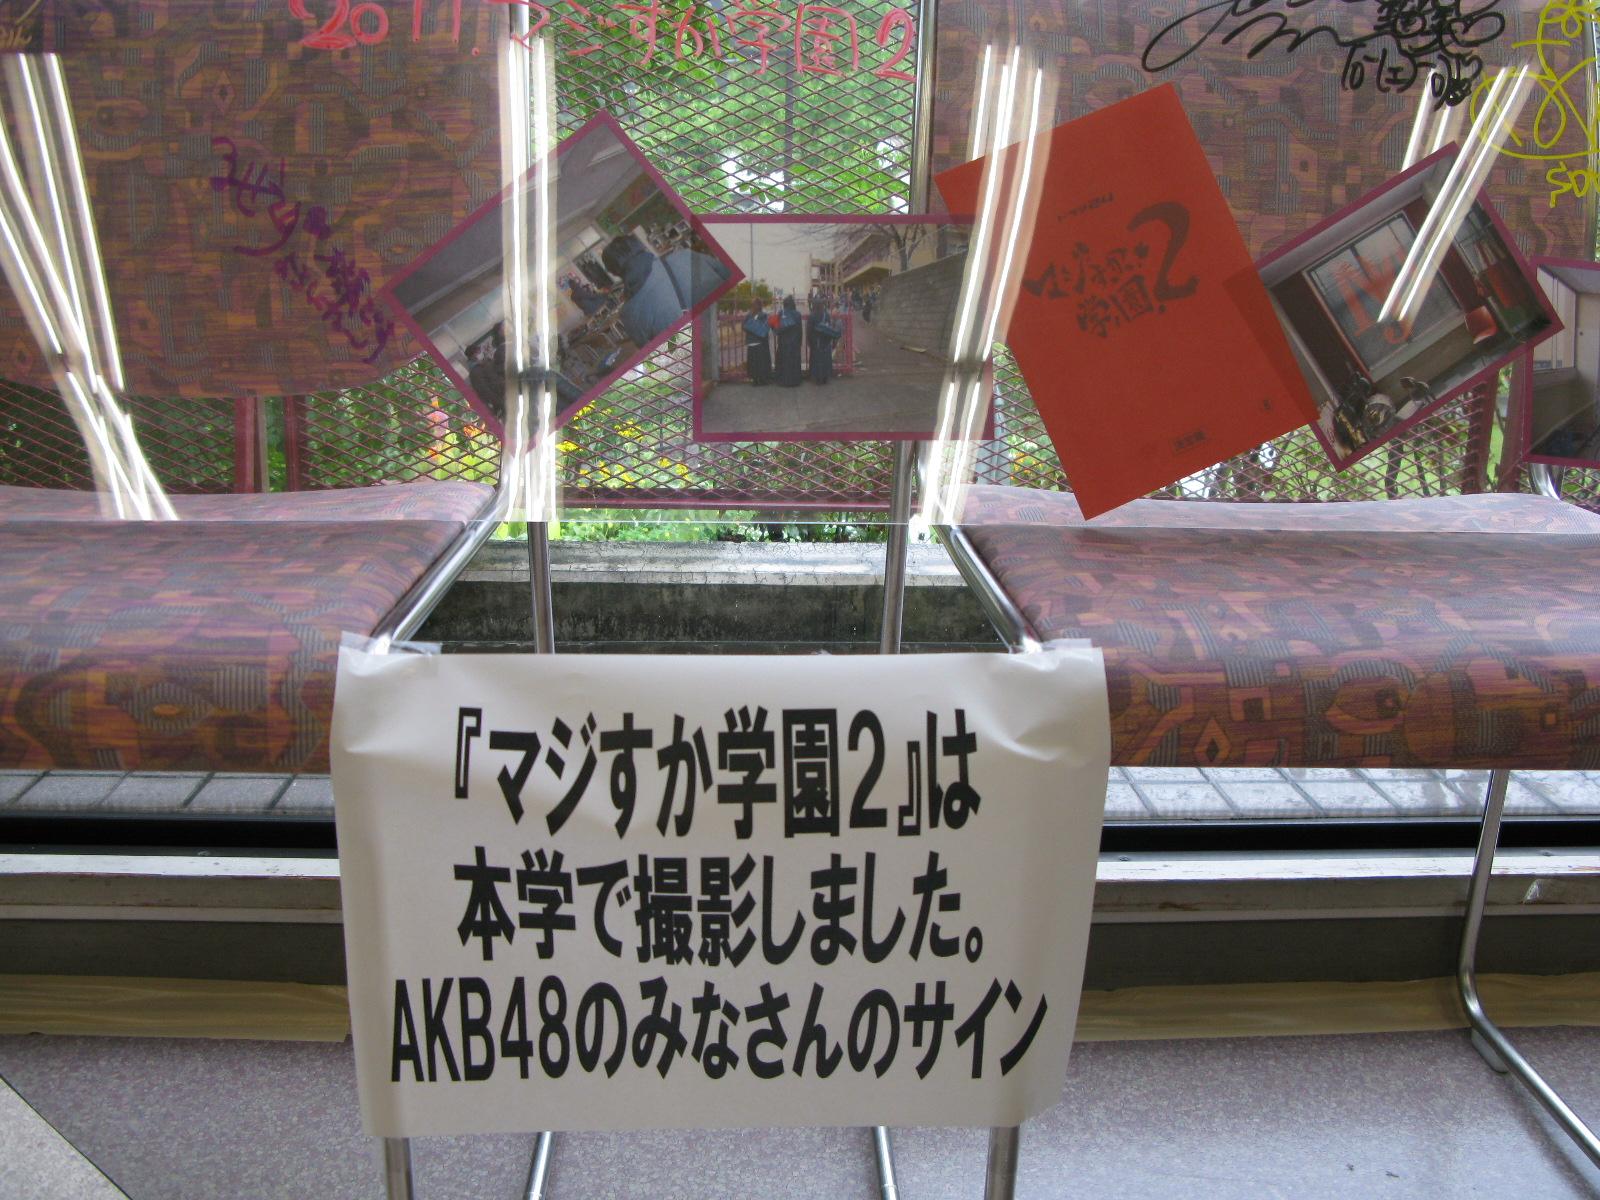 マジすか学園 Akb48 Ske48 マジすか学園の小物の部屋